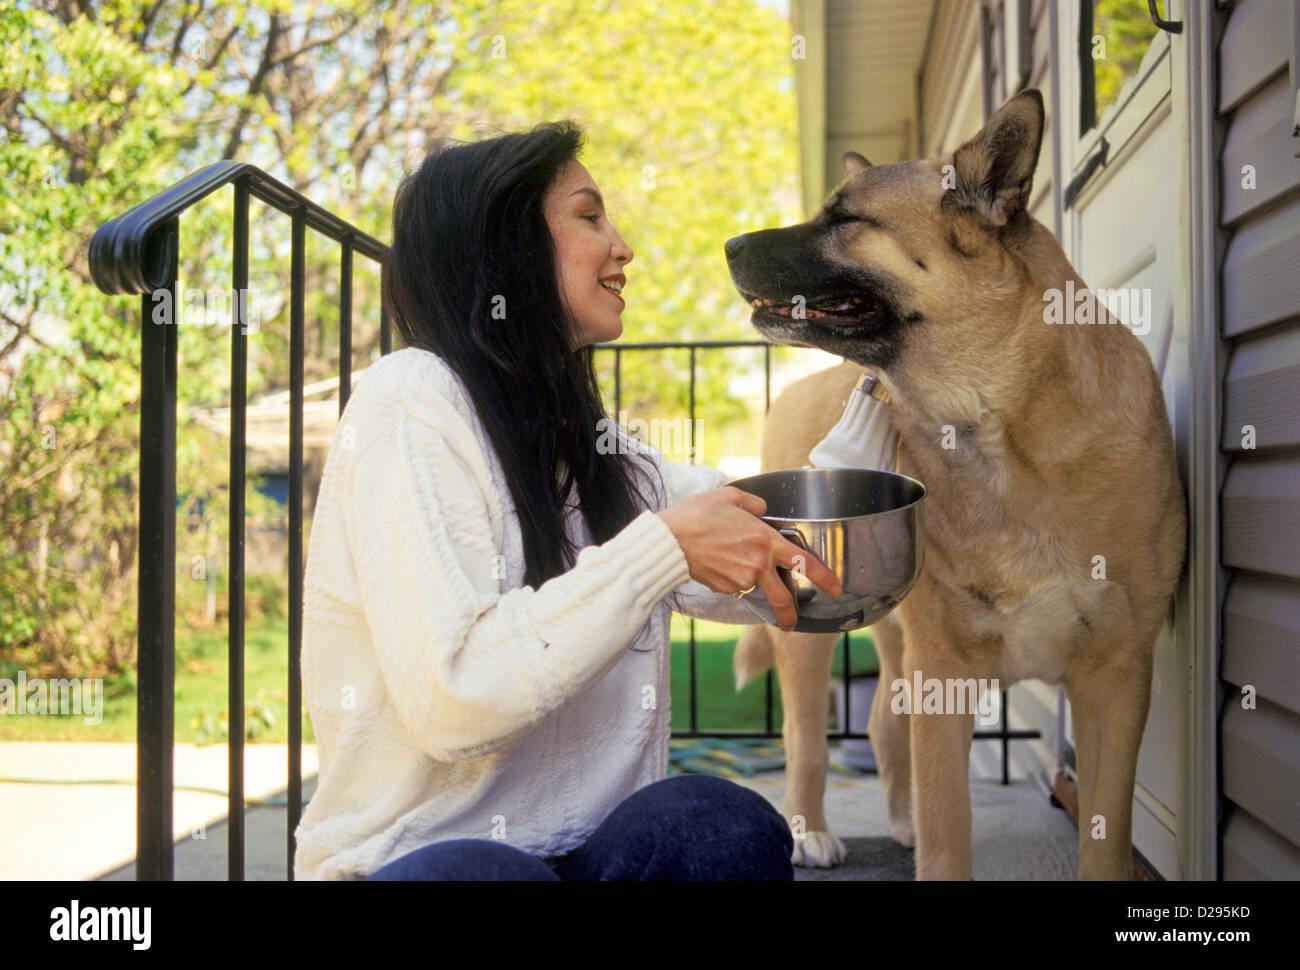 La mujer en su 30S mirando a su perro, mientras le ofrece el agua Foto de stock